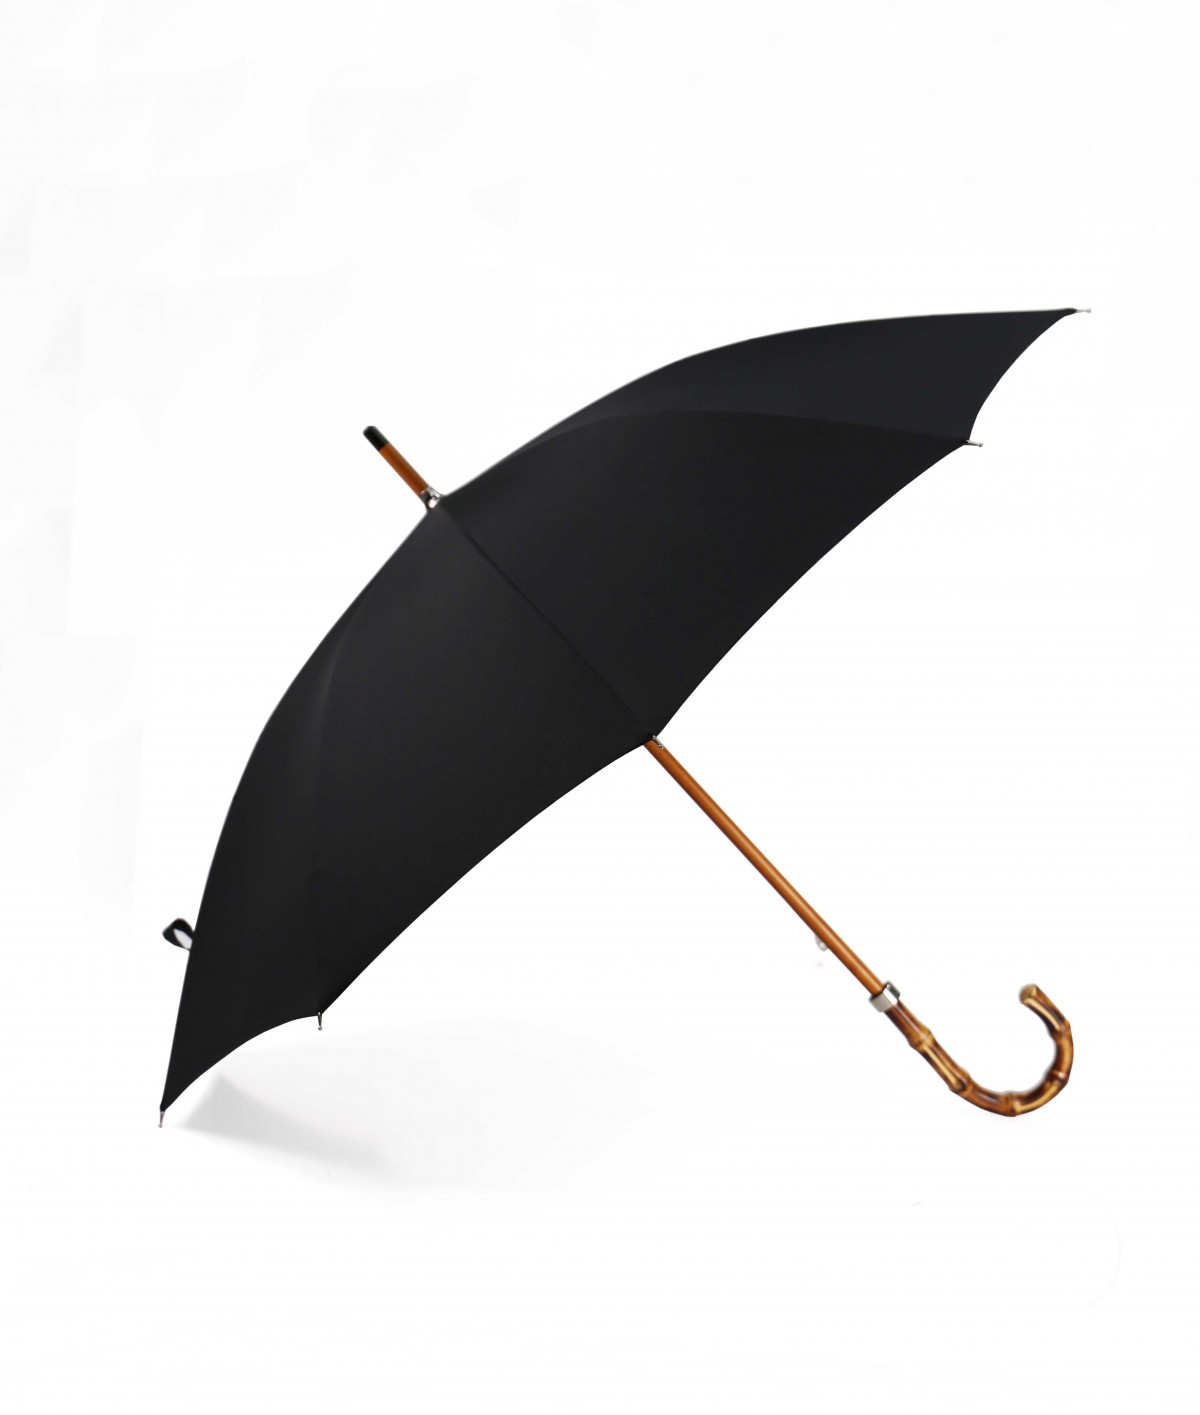 """→ Parapluie """"L'Exotique"""" - Bambou de Fabrication Traditionnelle à la Main réalisée en France par la Maison Pierre Vaux"""